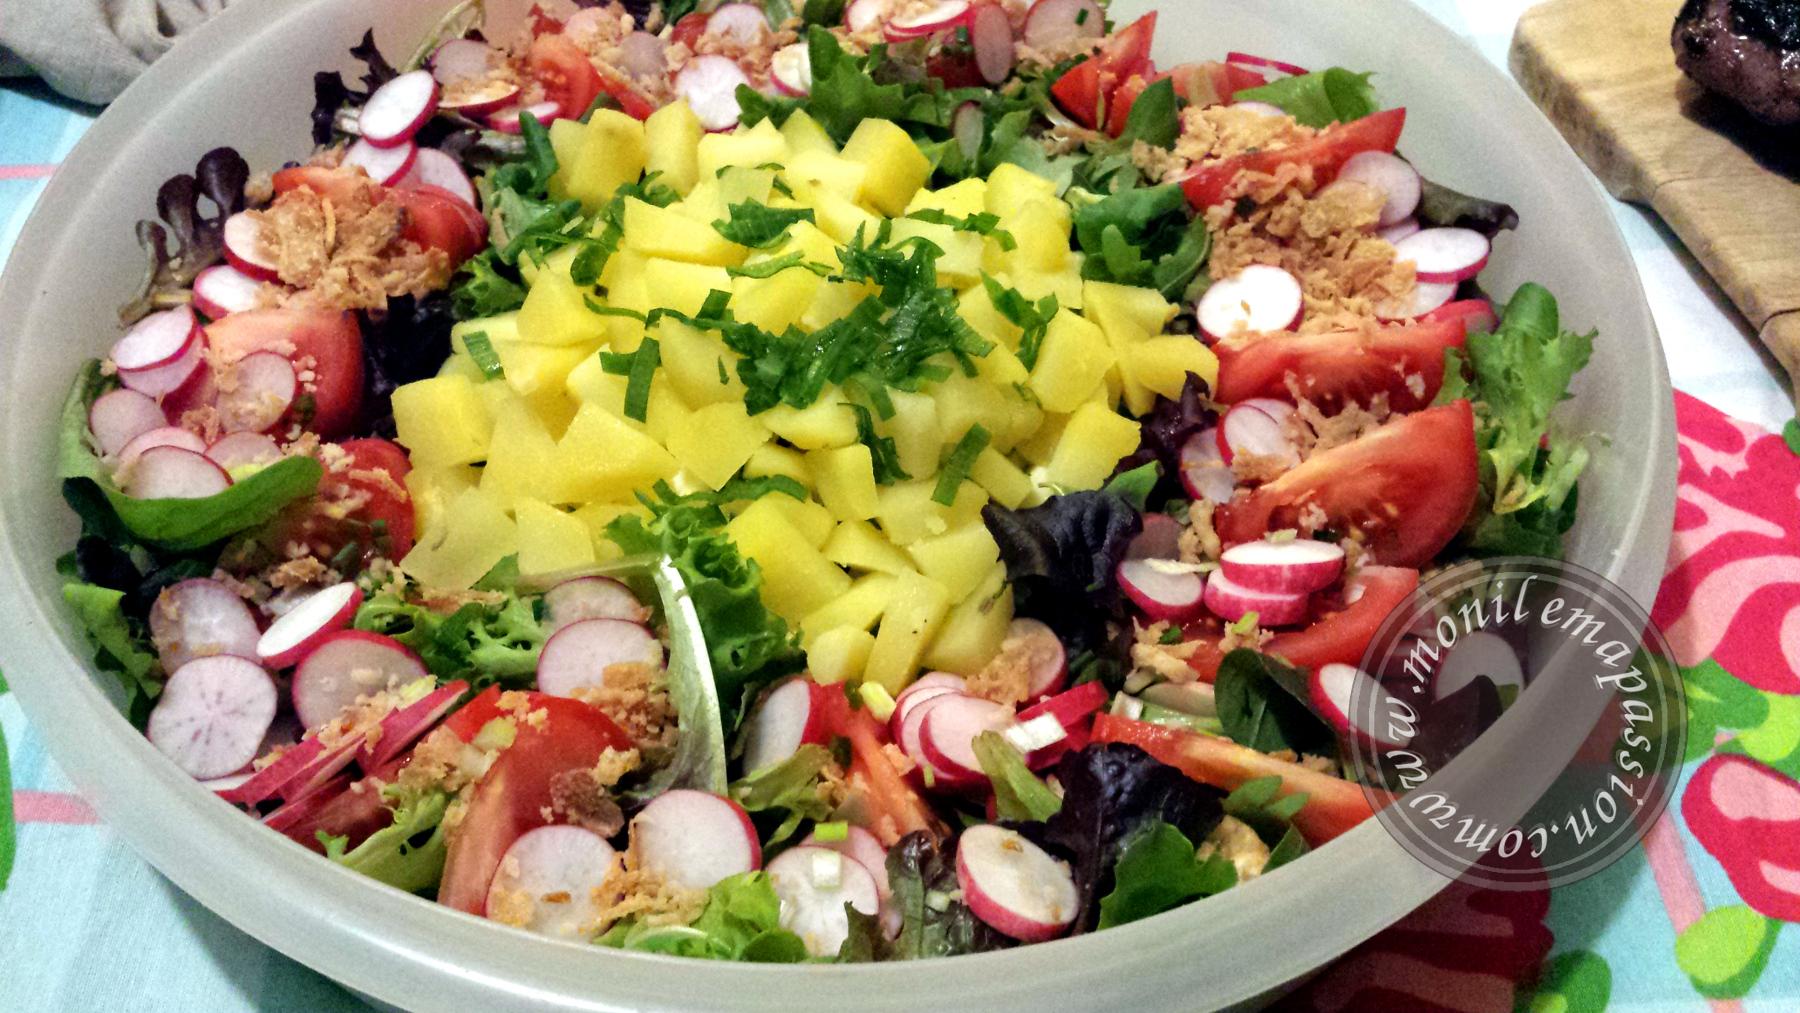 Salade composée - Mixed salad